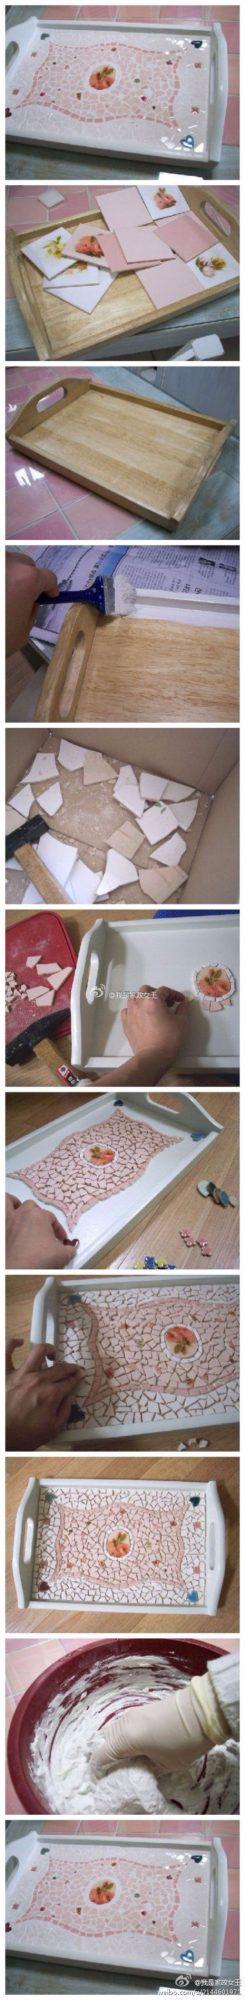 déco Mosaique avec carrelage ou assiettes cassés